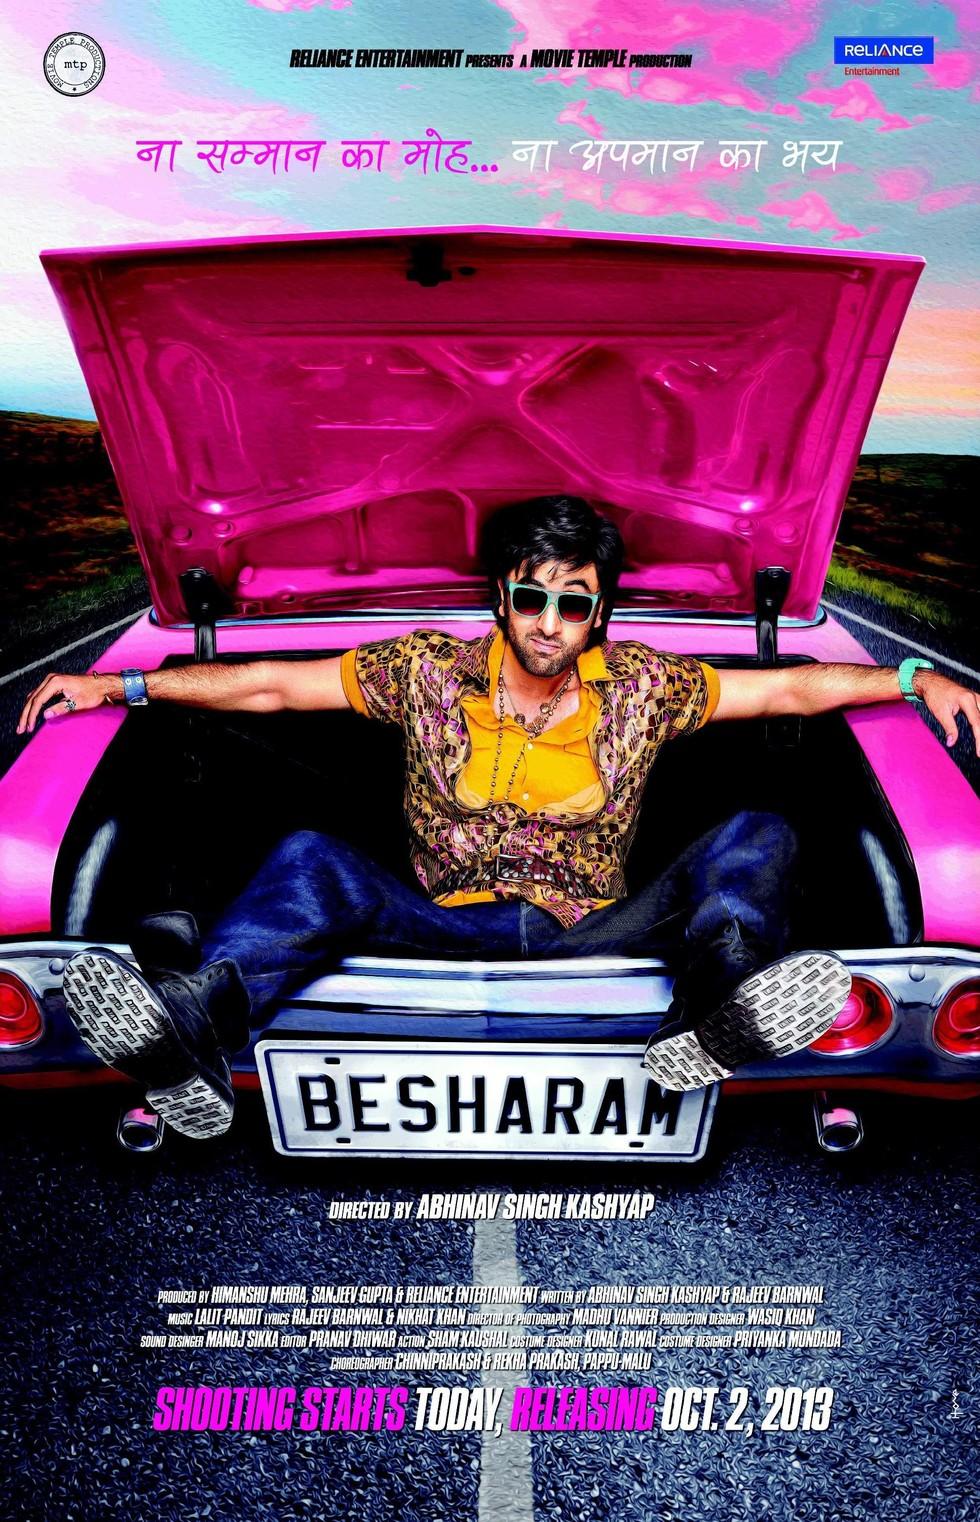 Besharam - Movie Poster #1 (Large)